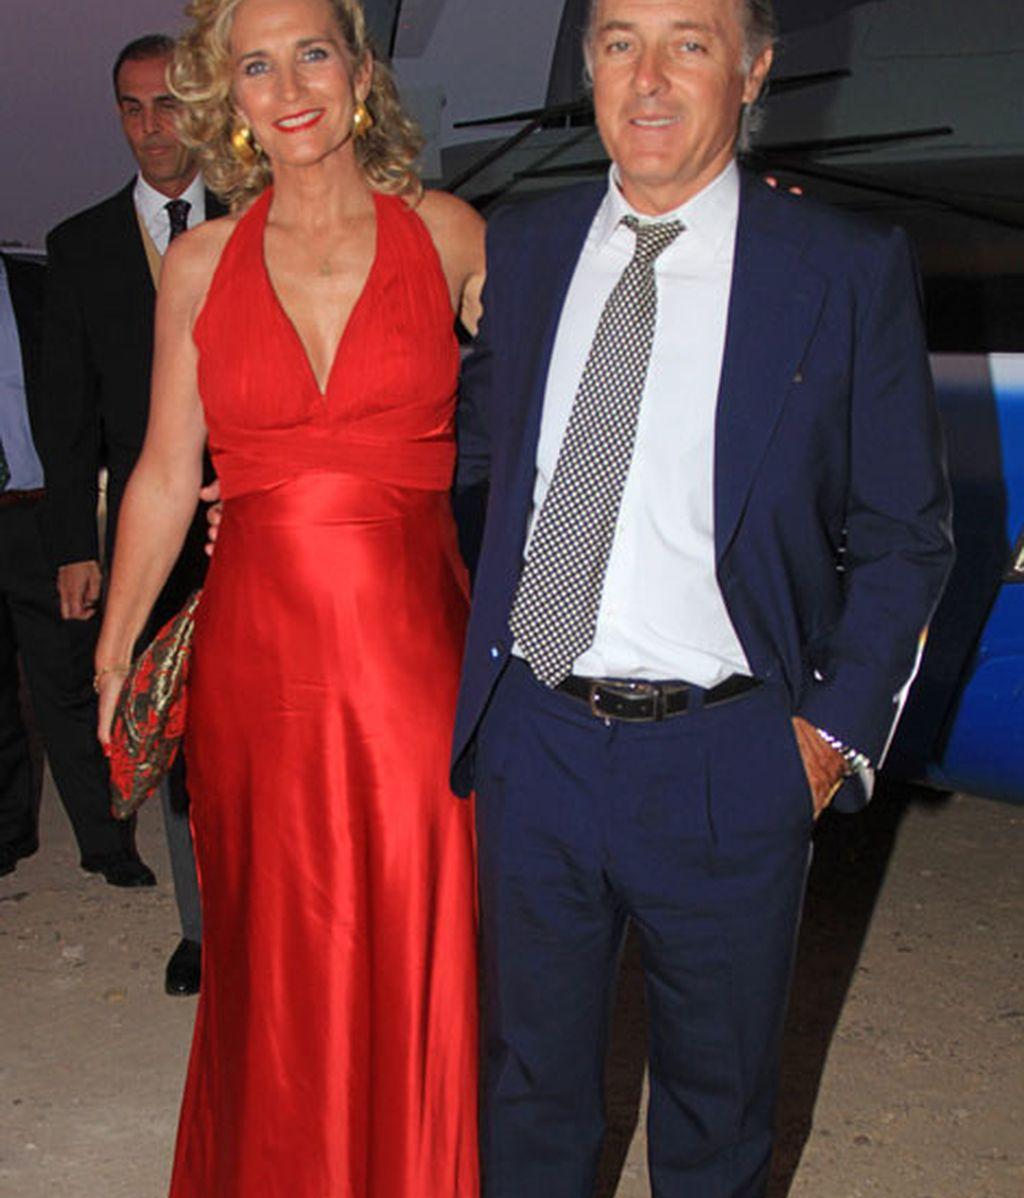 José Manuel Soto acudió acompañado por su mujer, Pilar Parejo